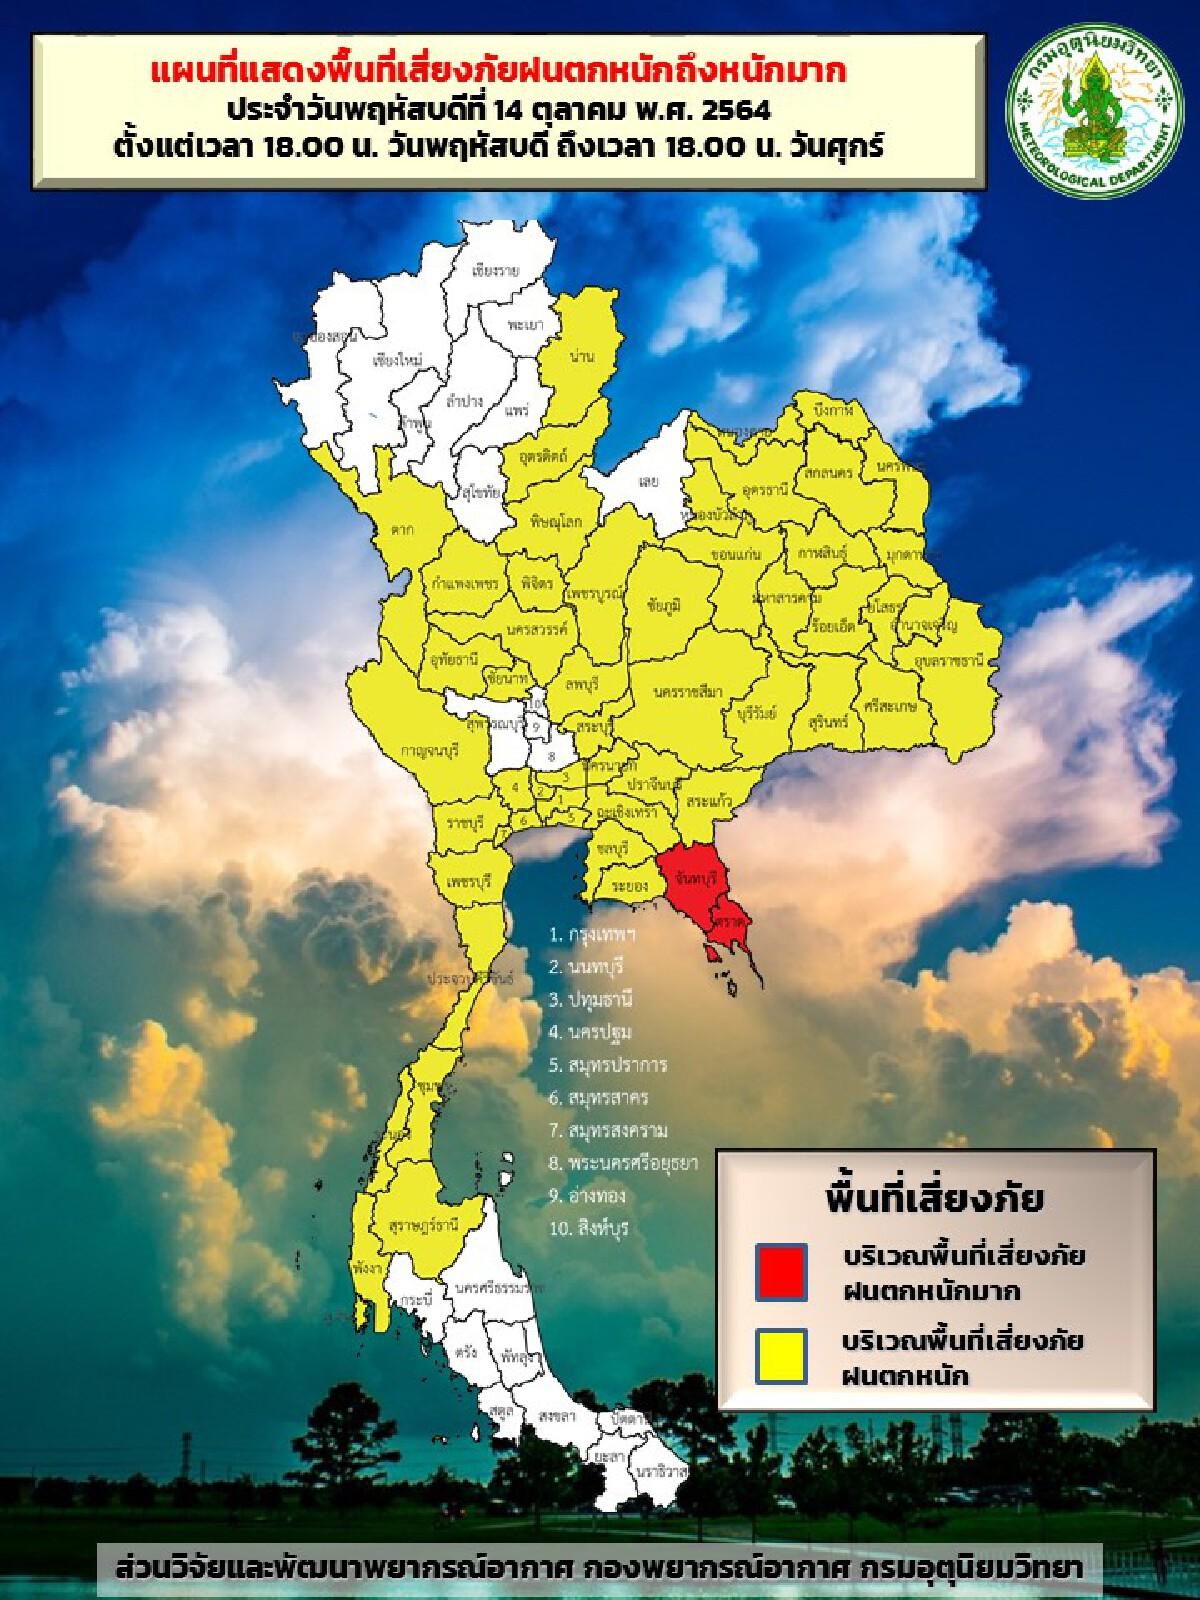 """อุตุฯ เตือน ฉ.11 พายุ """"คมปาซุ"""" อีสานรอรับฝนถล่ม กรุงเทพ 60 %"""